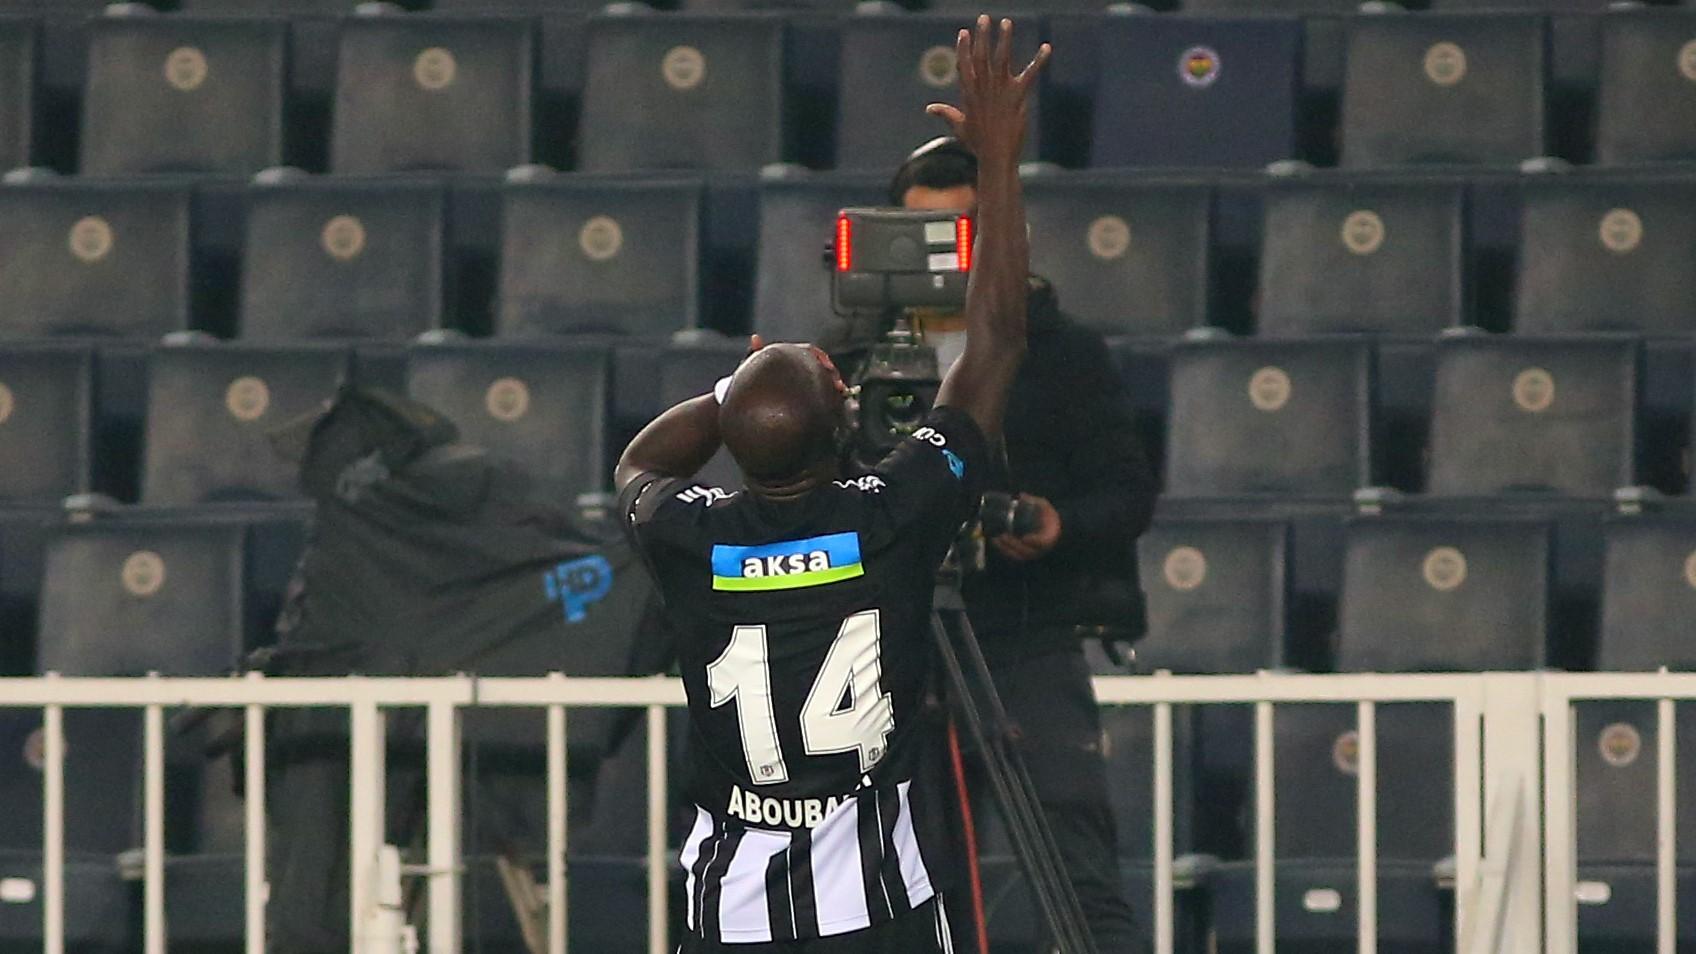 Aboubakar'ın Fenerbahçe maçındaki sevinci, Kumba'ya bir selam...